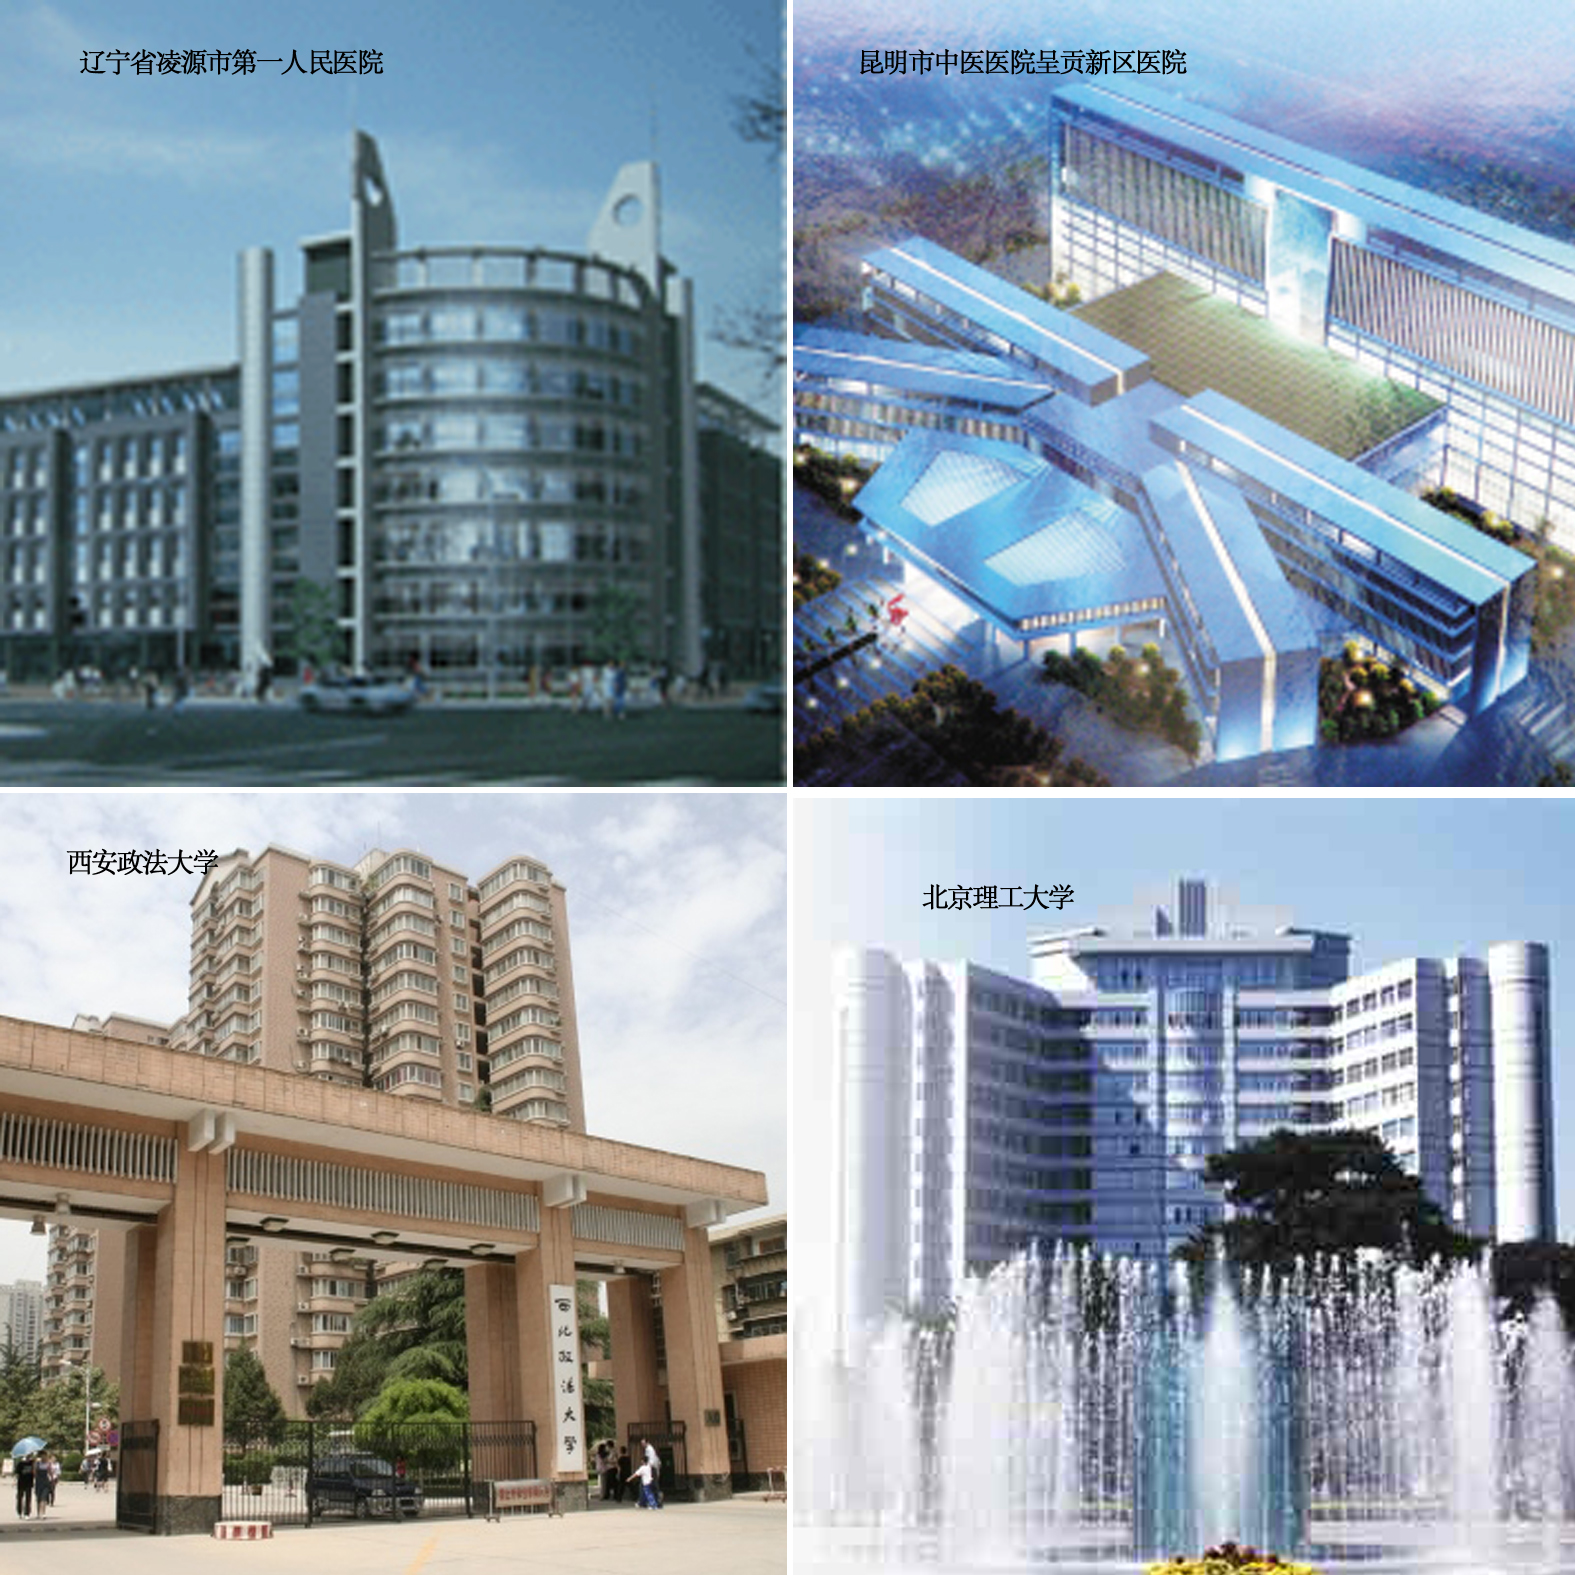 大楼 新疆哈密地区中心医院门诊住院综合楼 安徽亳州利辛县人民医院